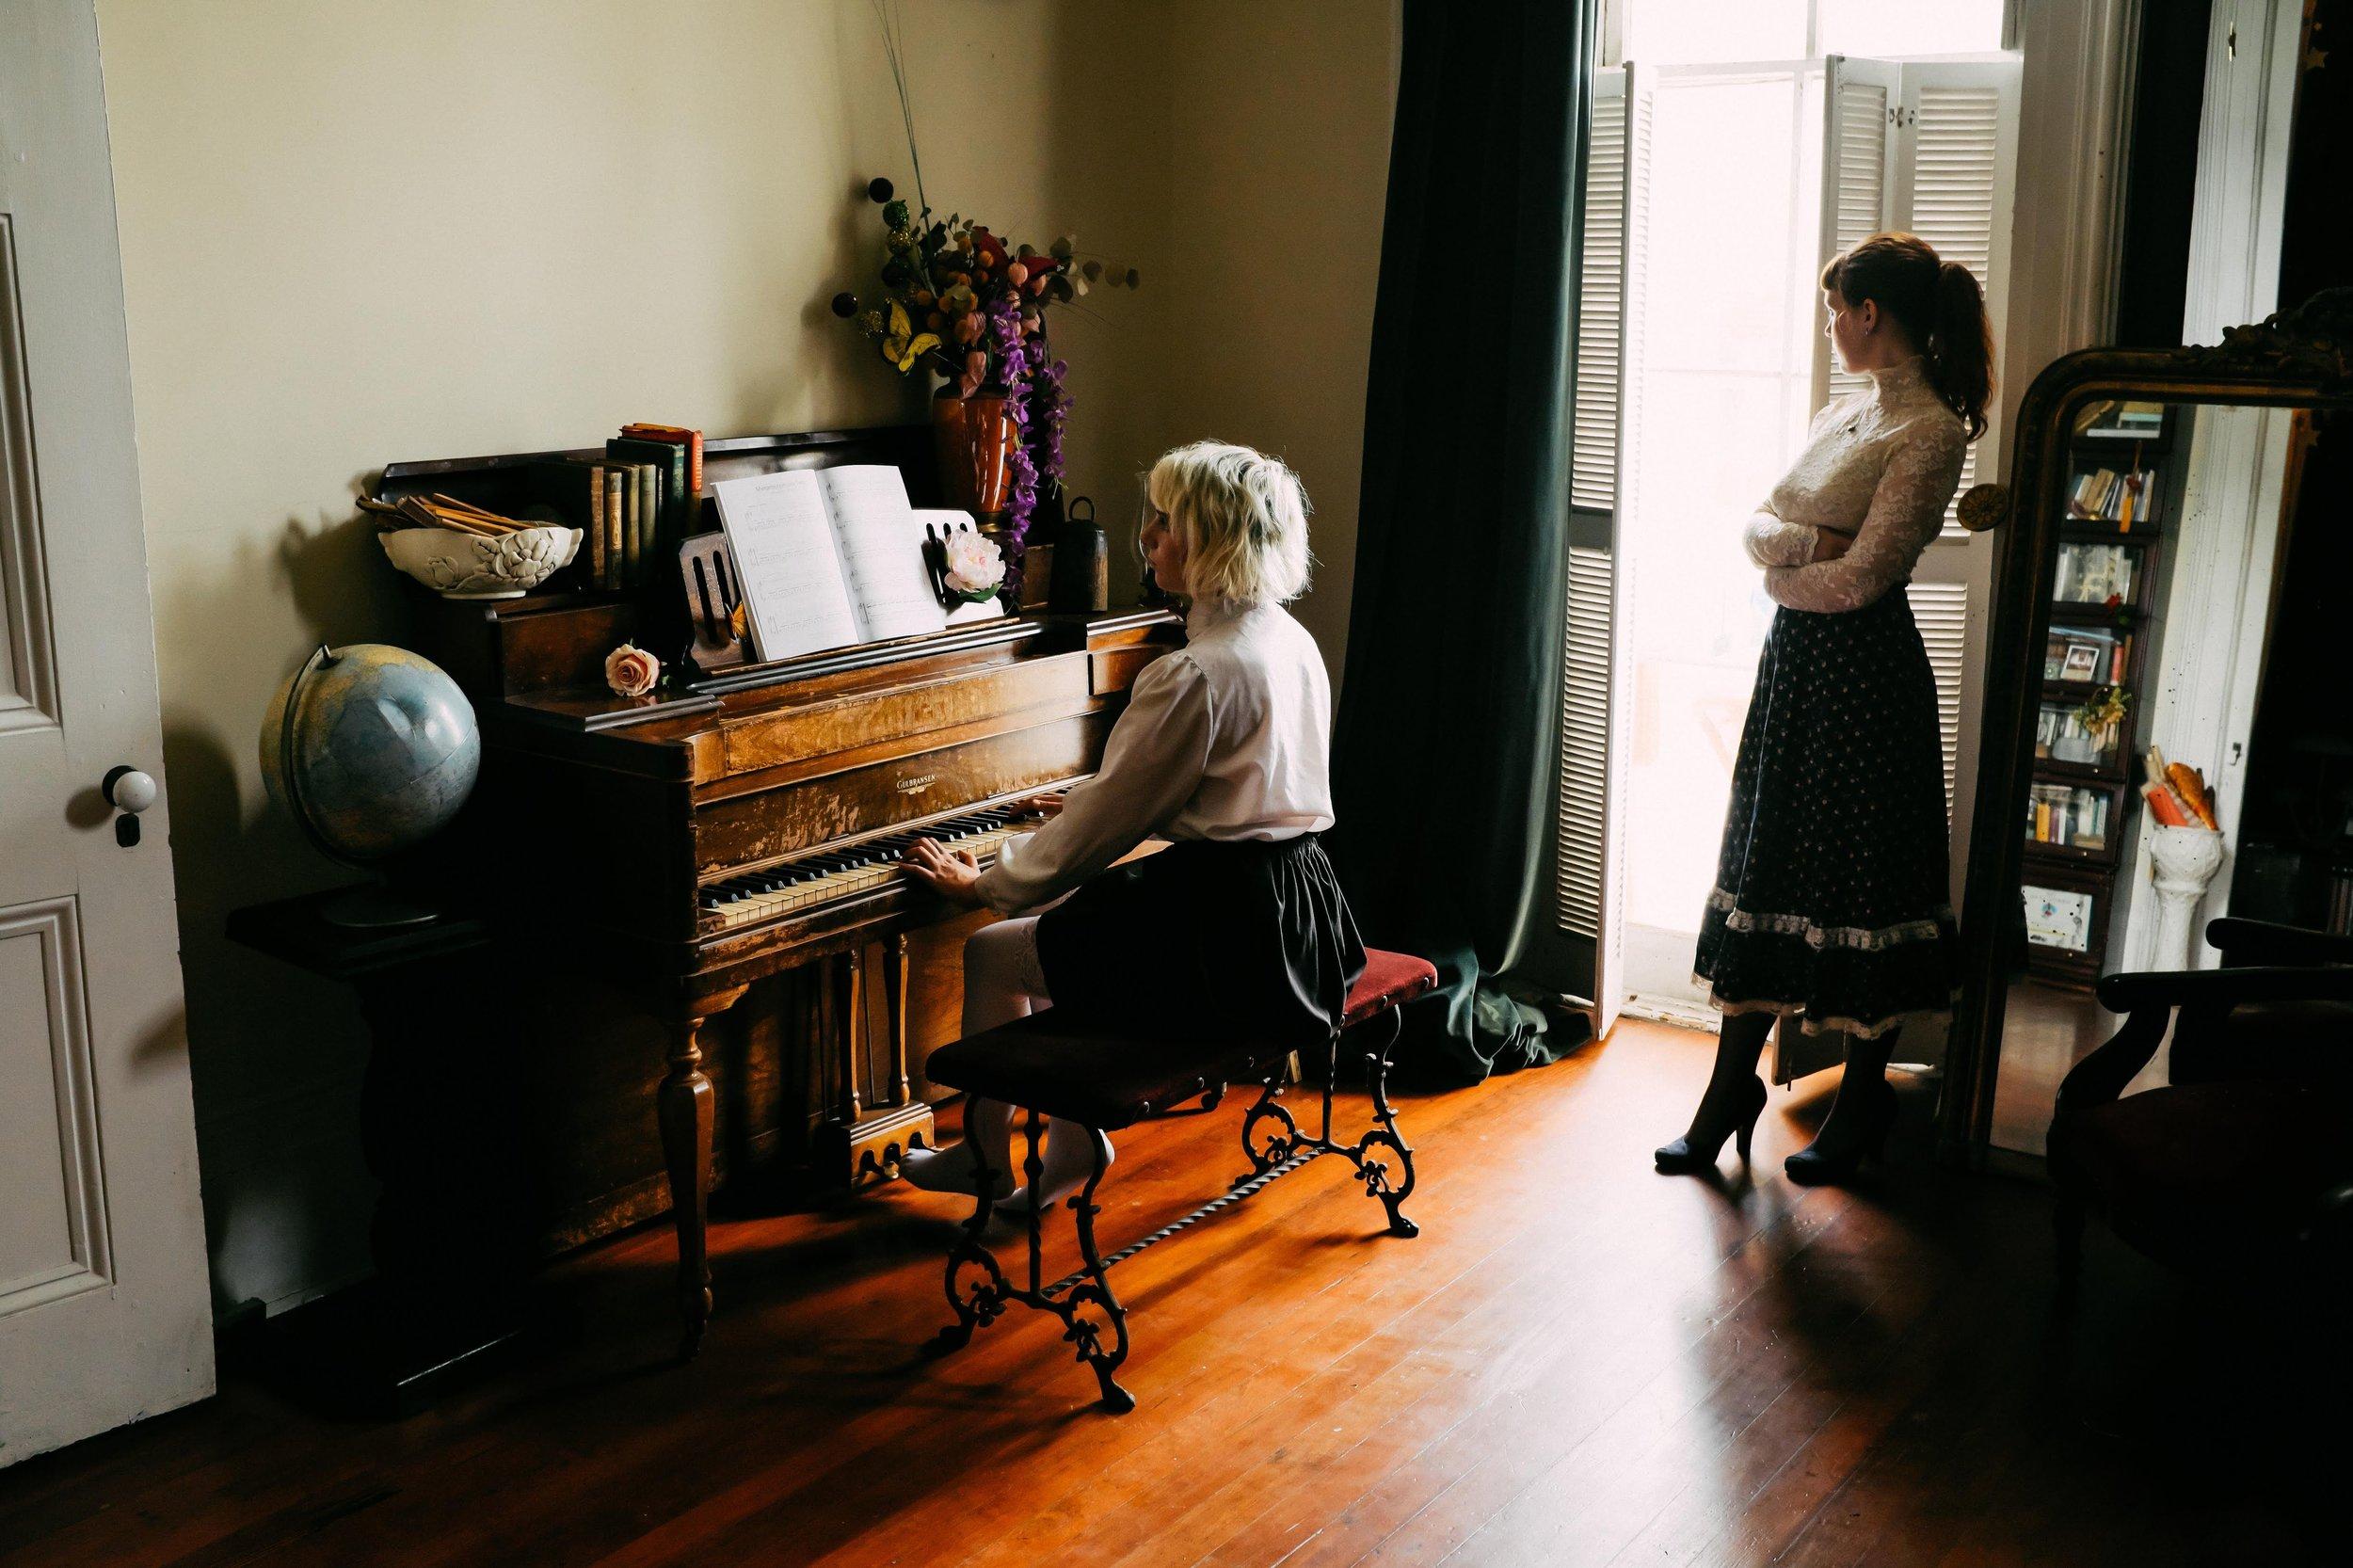 Alison&MadeleinePianoTeacherPhotoset-1.jpg